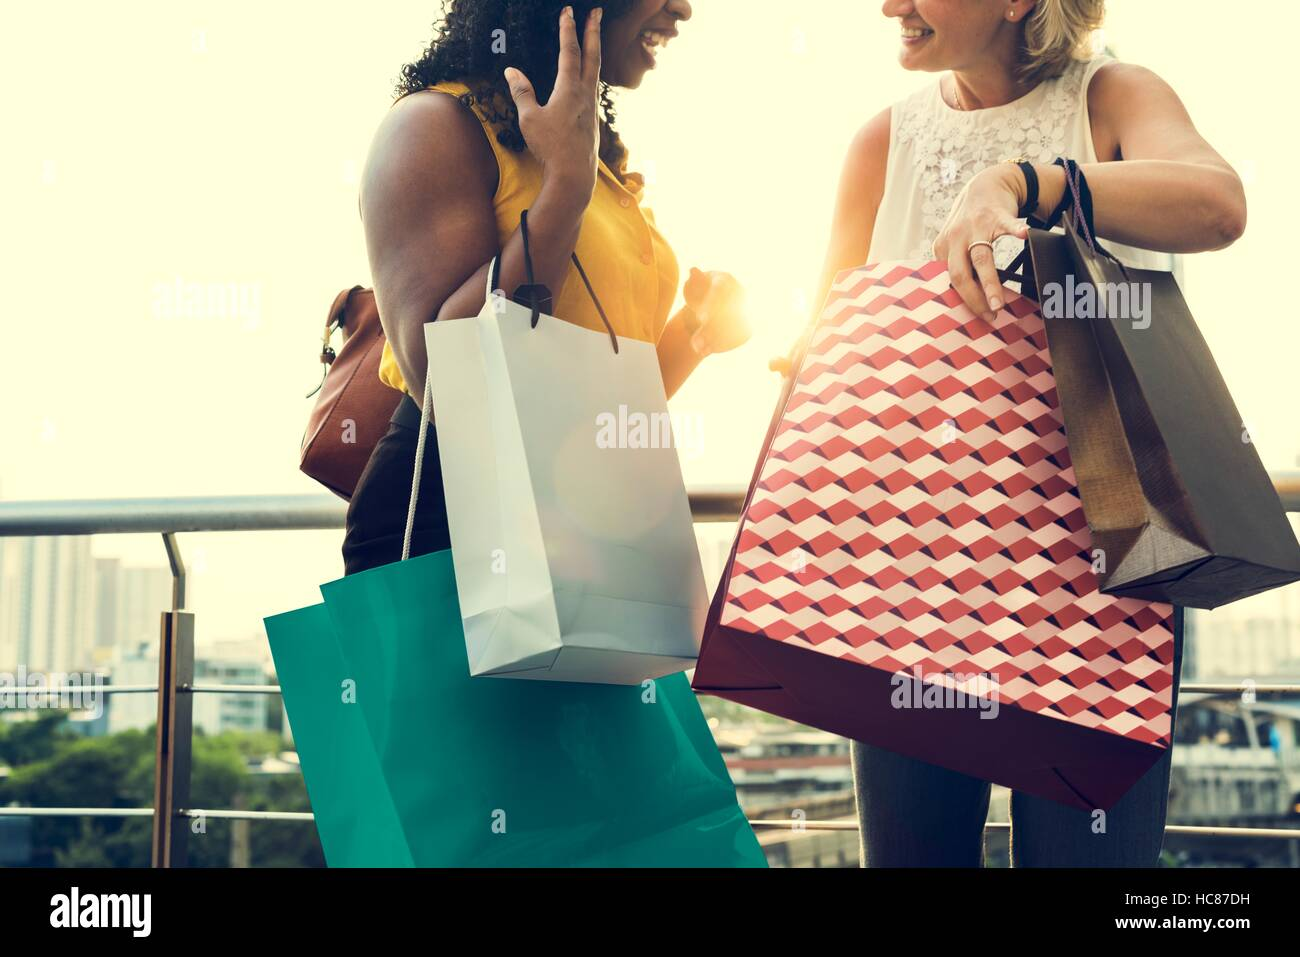 Frau Weiblichkeit Einkaufen entspannen Konzept Stockbild